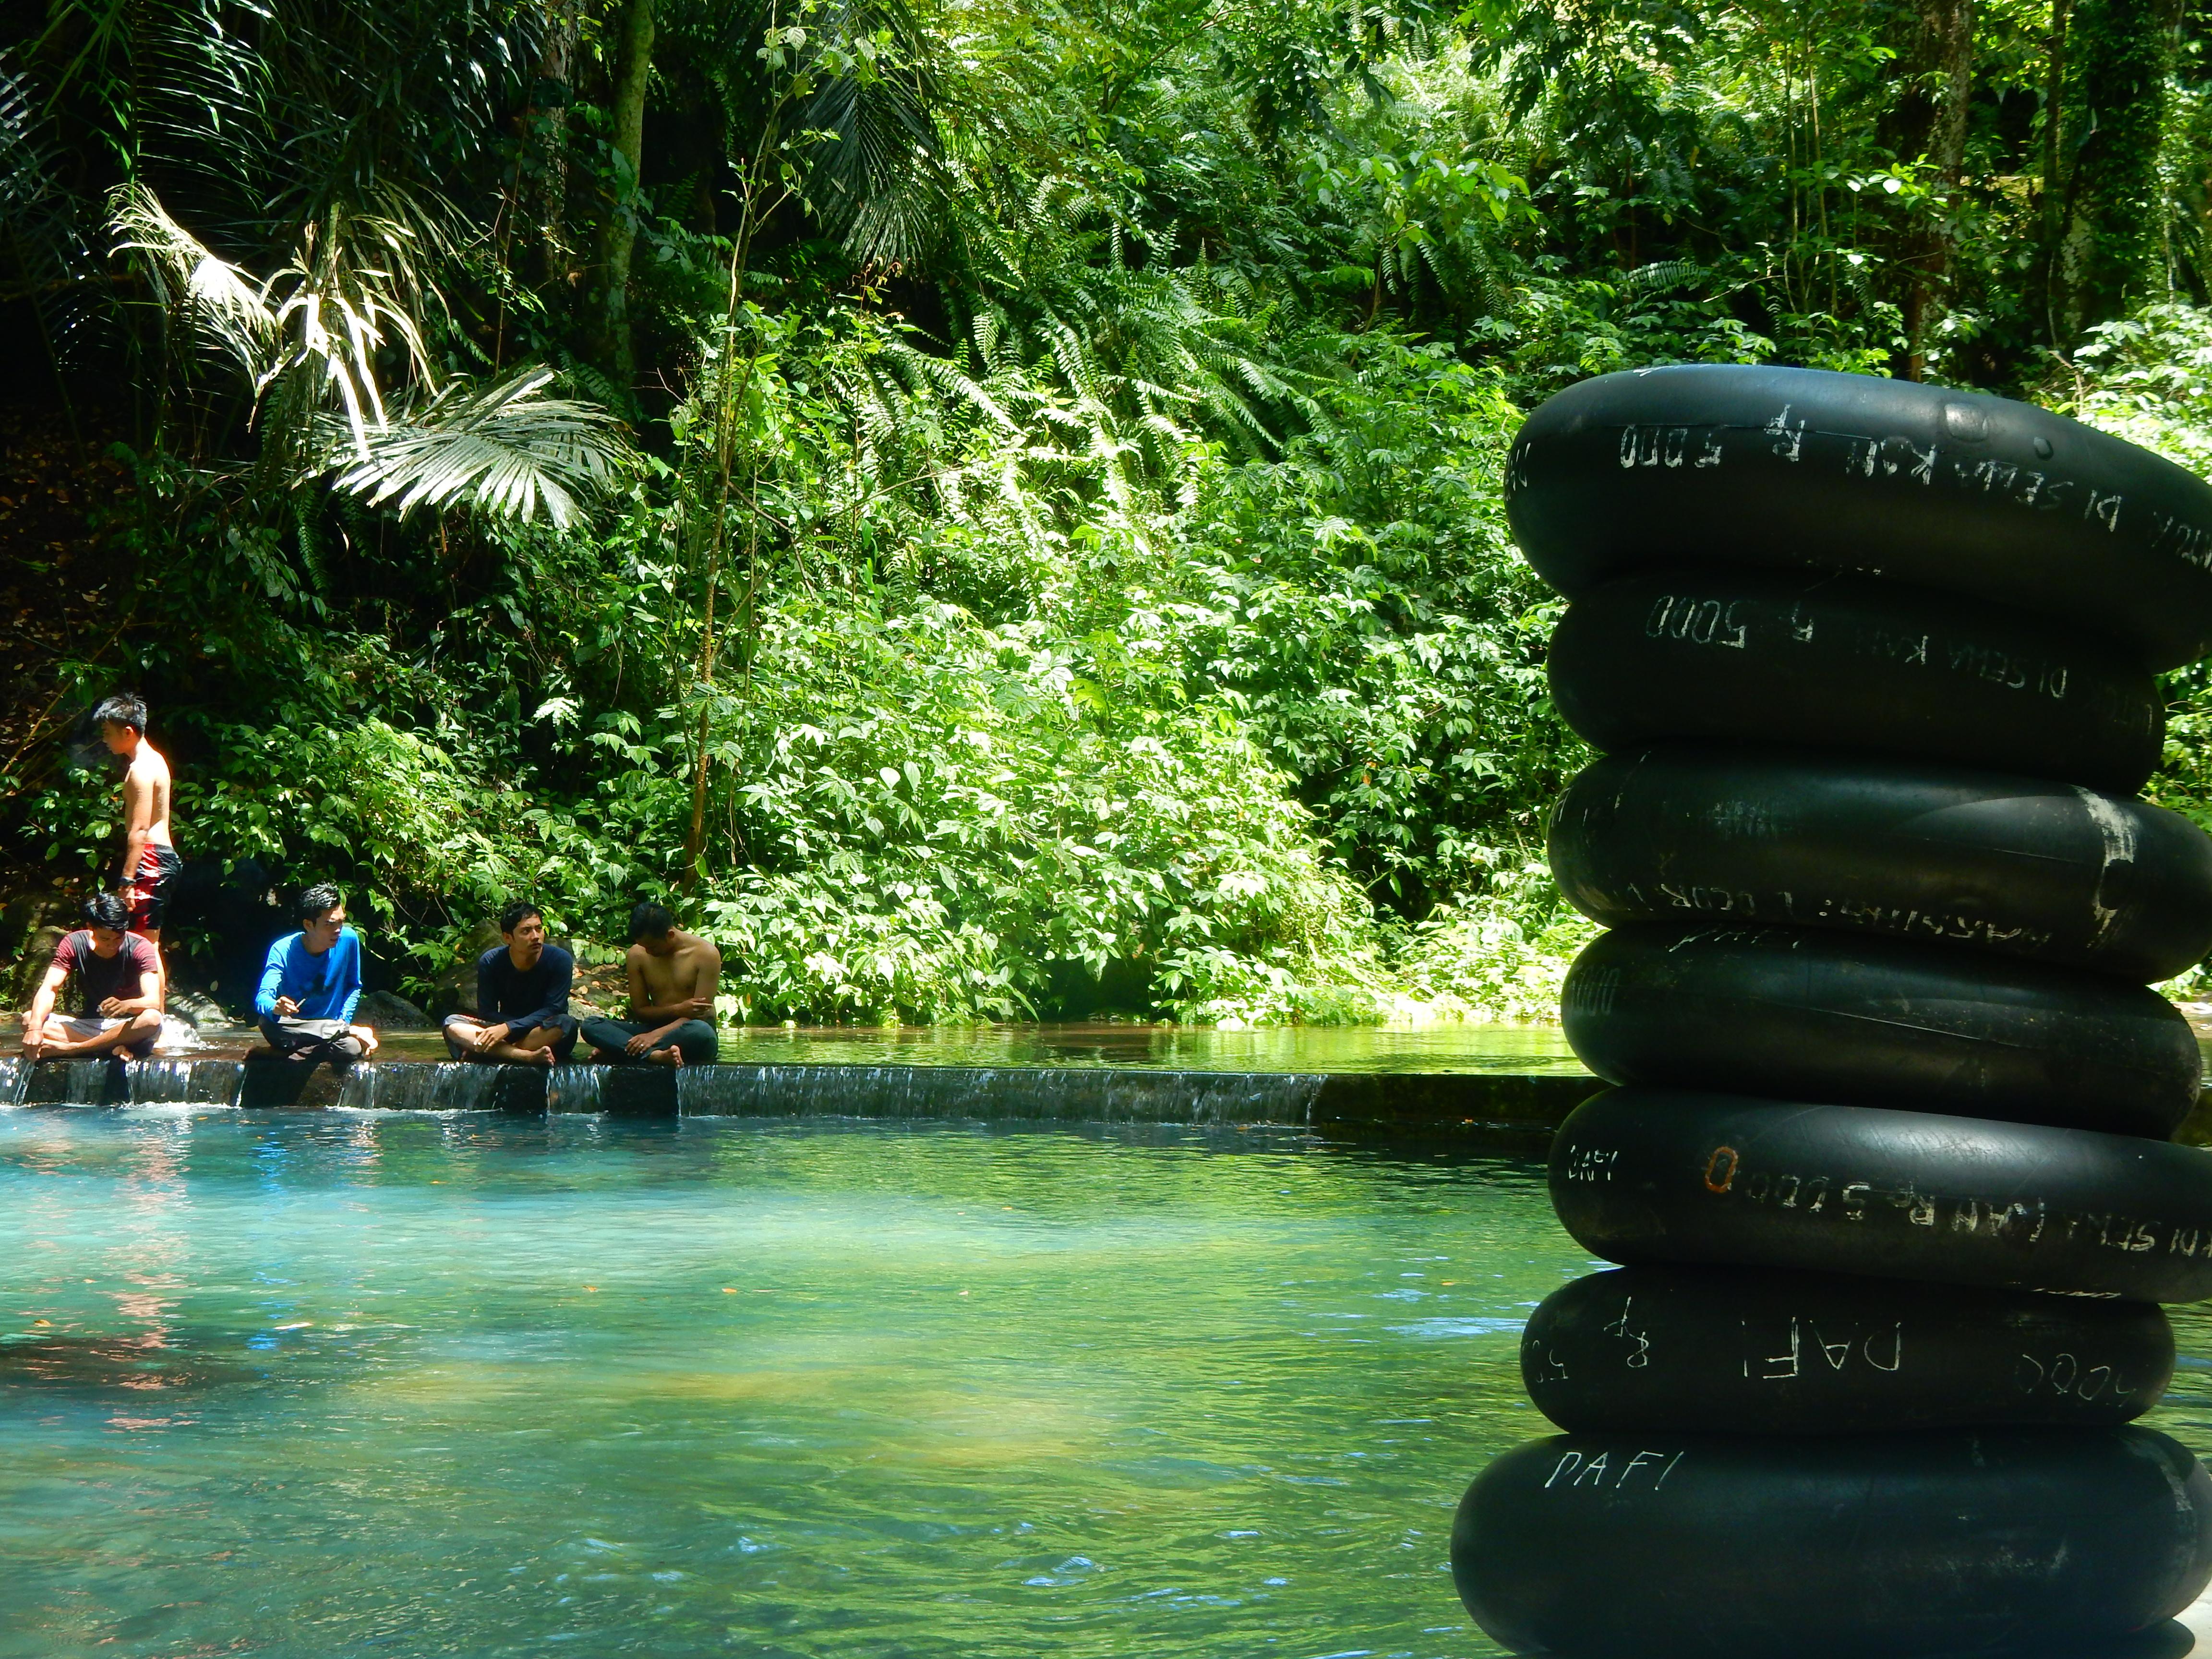 Point d'eau de souffre Sesaot, Lombok, Indonésie.